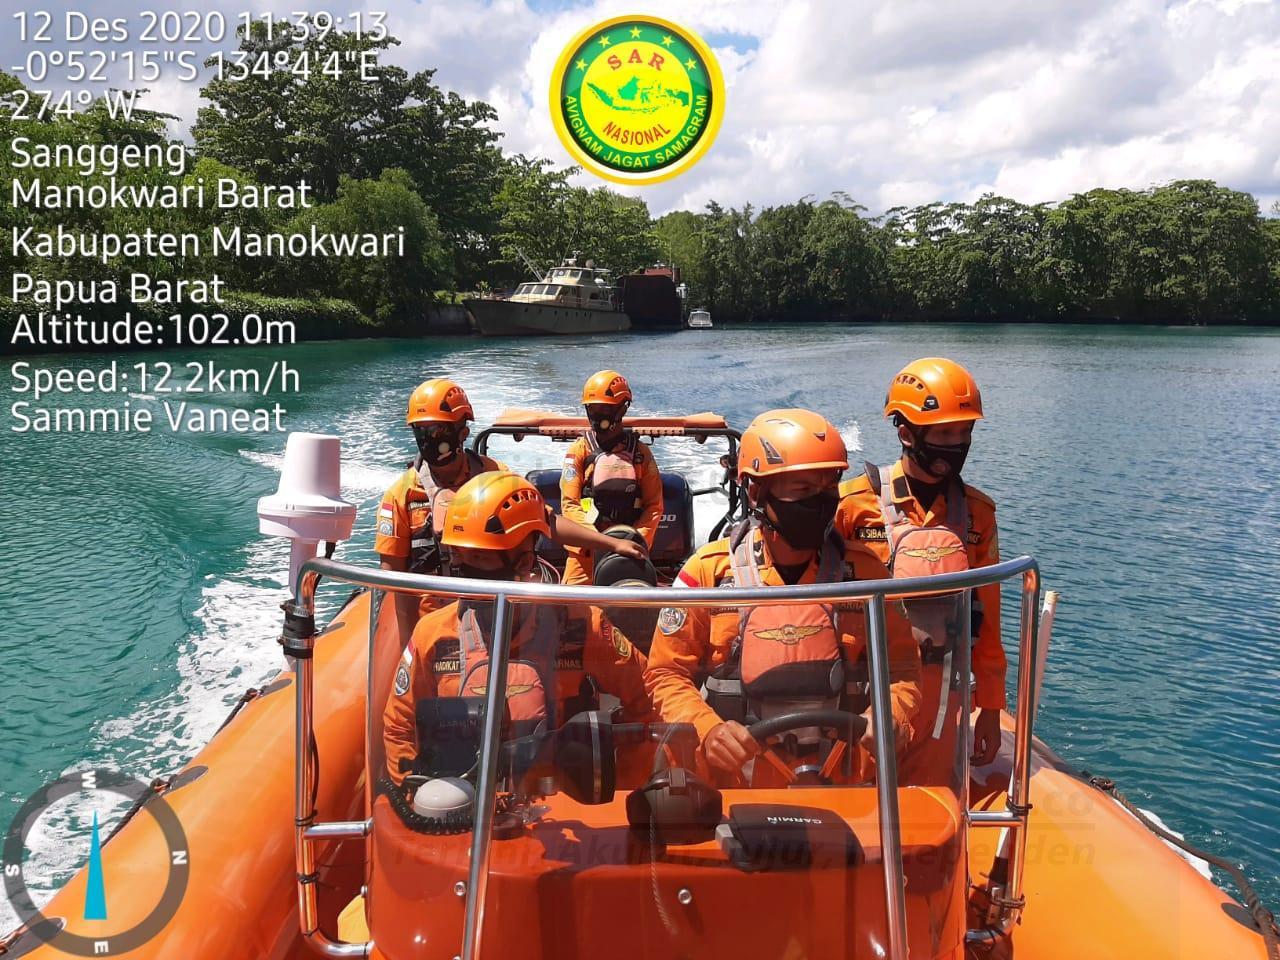 Basarnas Manokwari Cari Orang Hilang di Perairan Pulau Kaki 1 IMG 20201212 WA0012